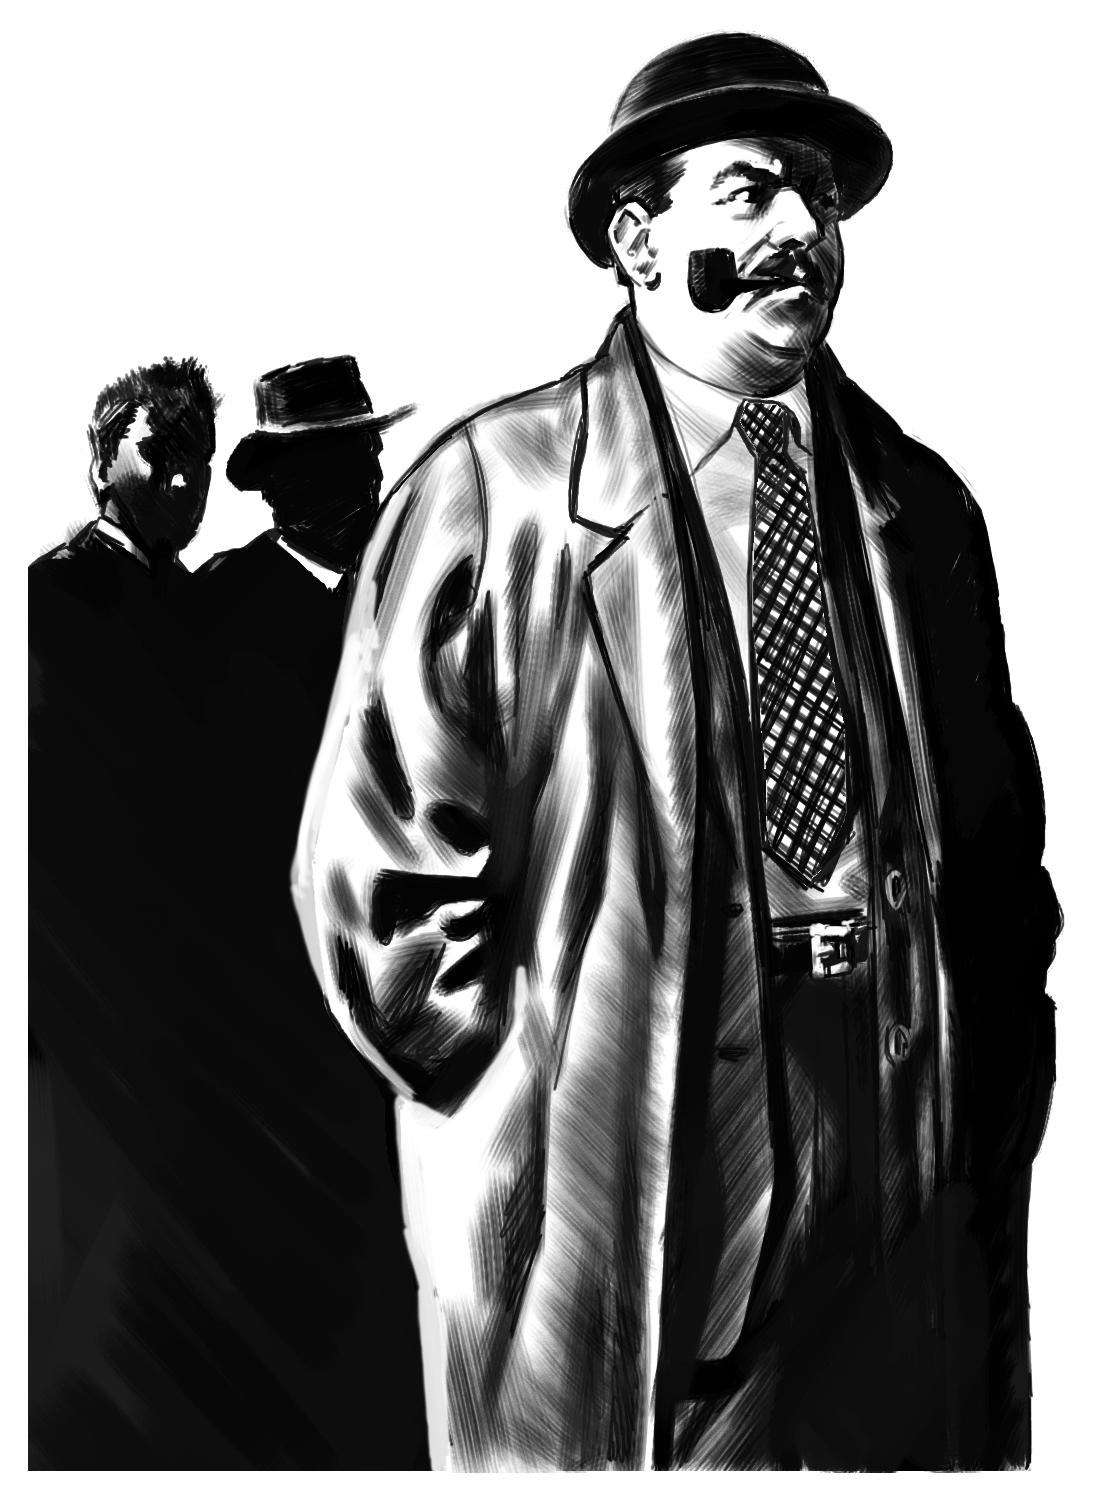 commissaire Maigret illustrato ?